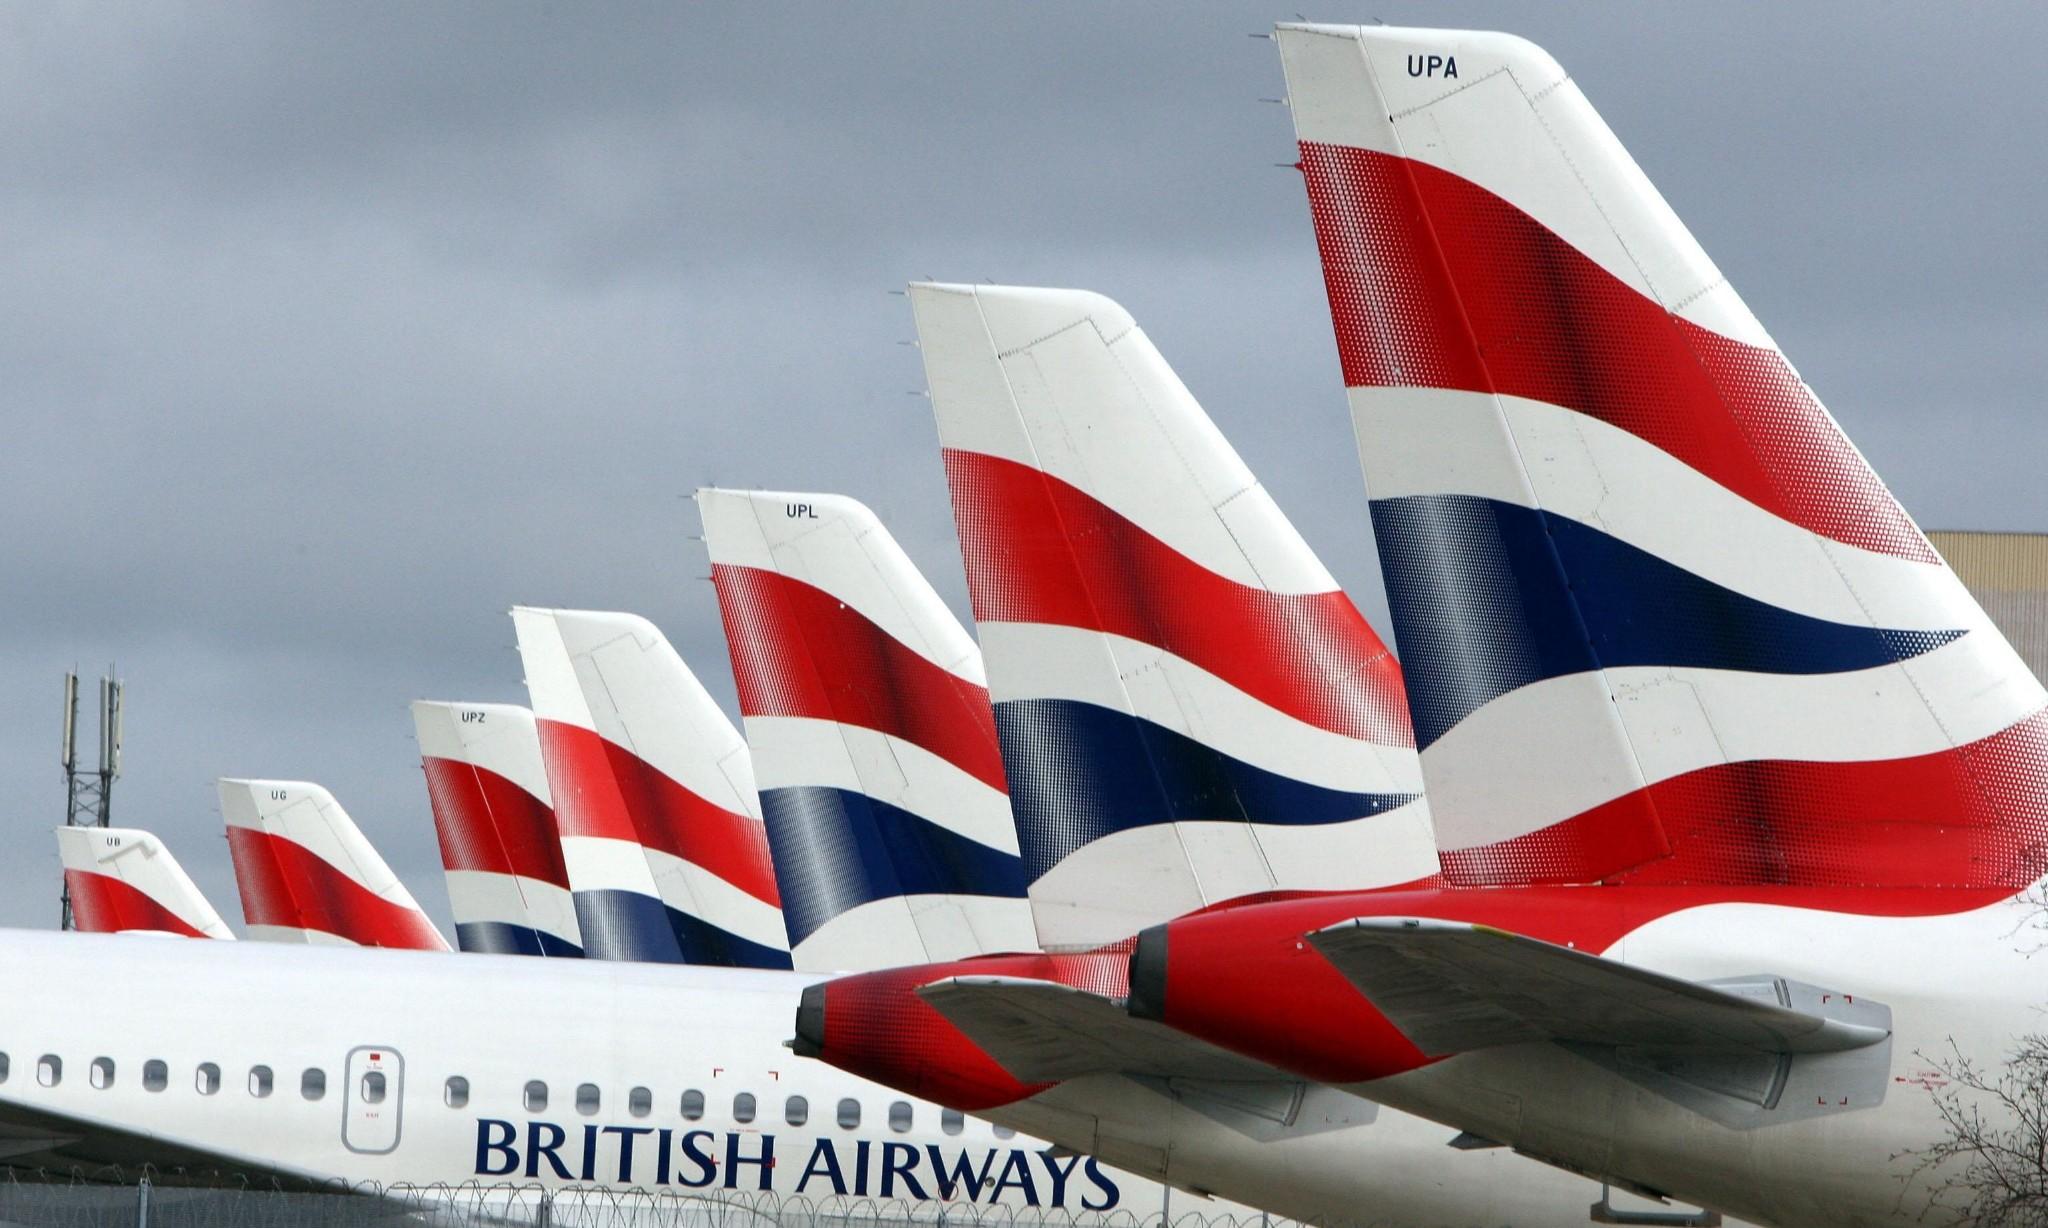 British Airways wins battle of the brands for third year running